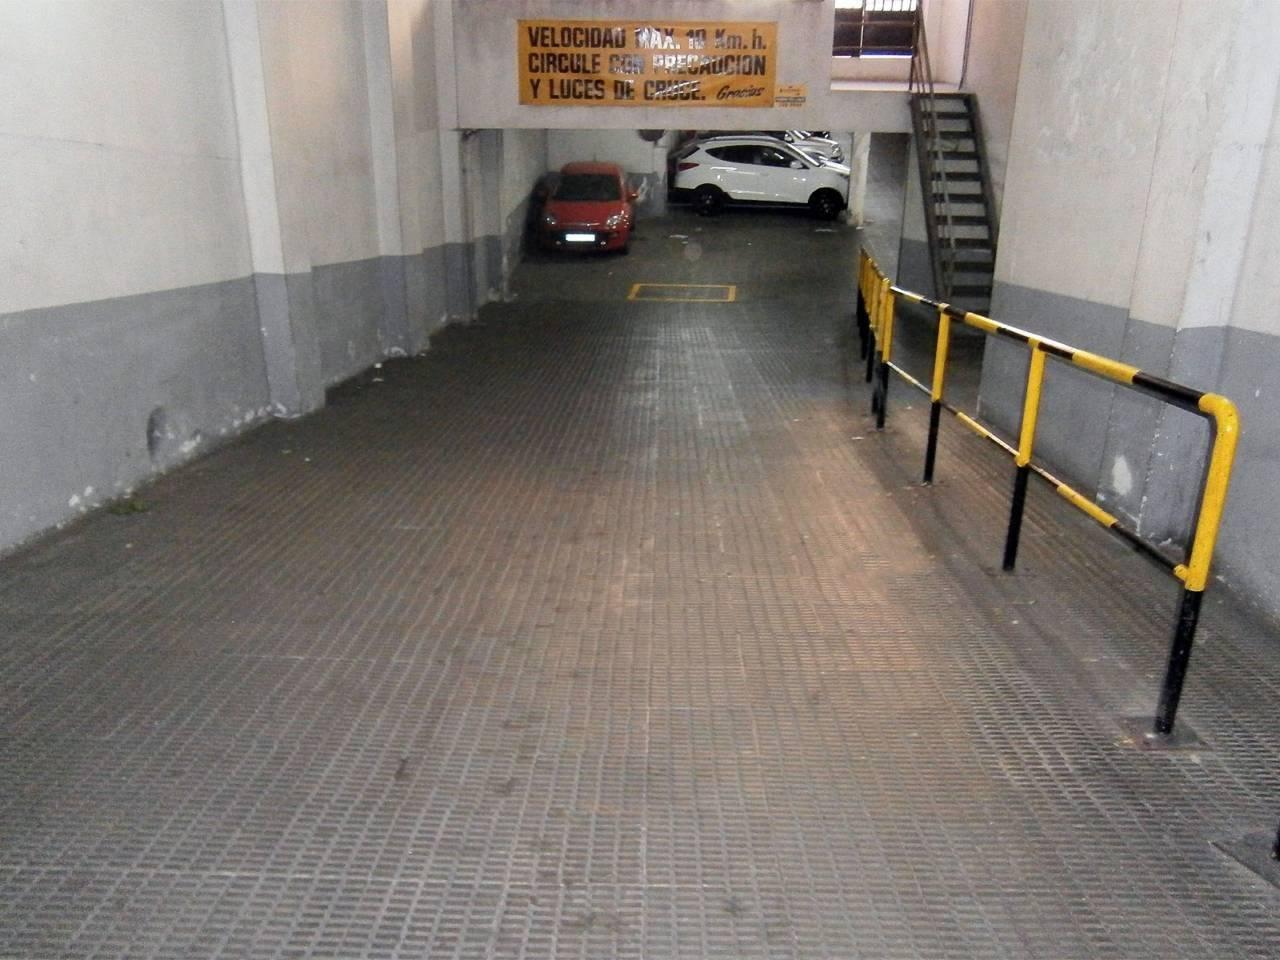 Stationnement à louer Guinardó (Barcelona Capital)